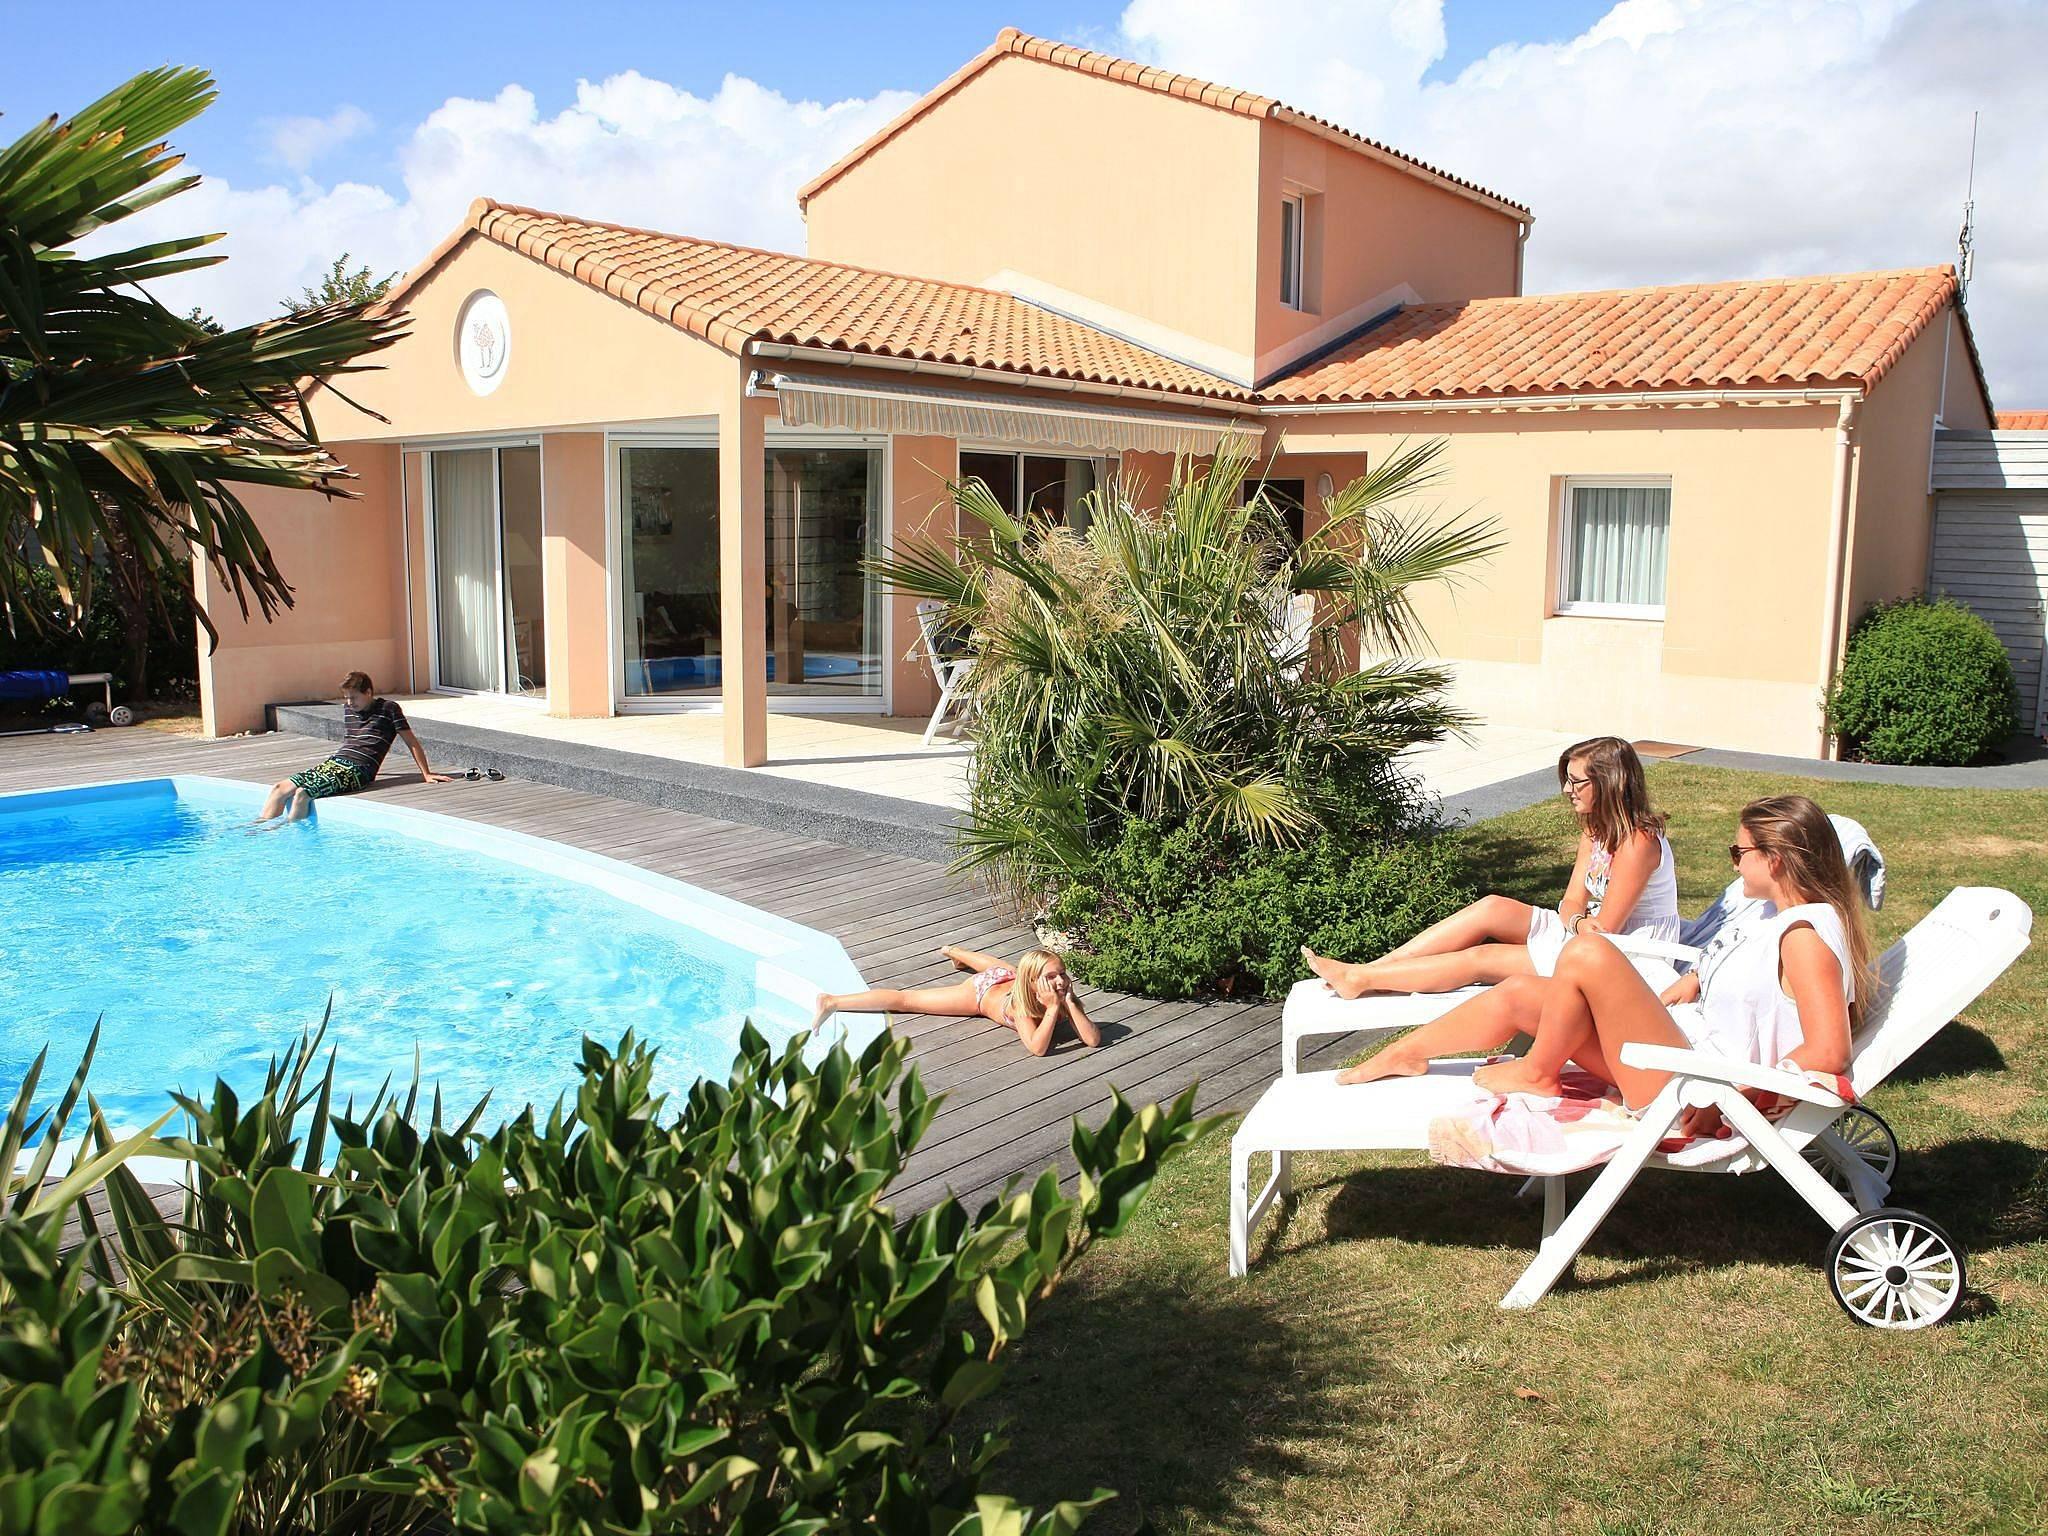 villa pour 8 personnes chateau d 39 olonne chateau d 39 olonne vend e. Black Bedroom Furniture Sets. Home Design Ideas